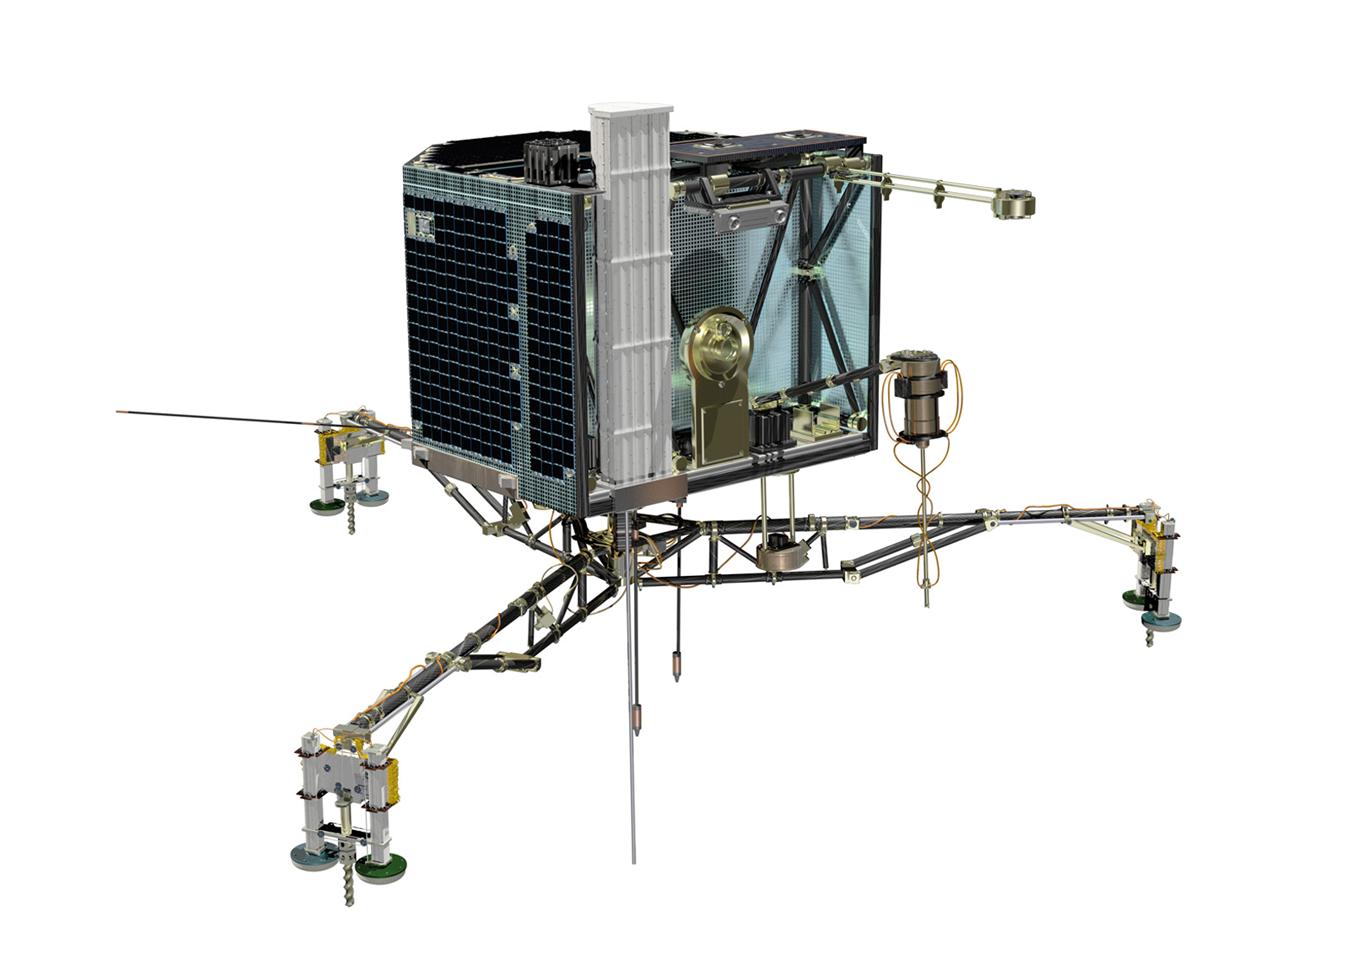 illustration of lander Philae